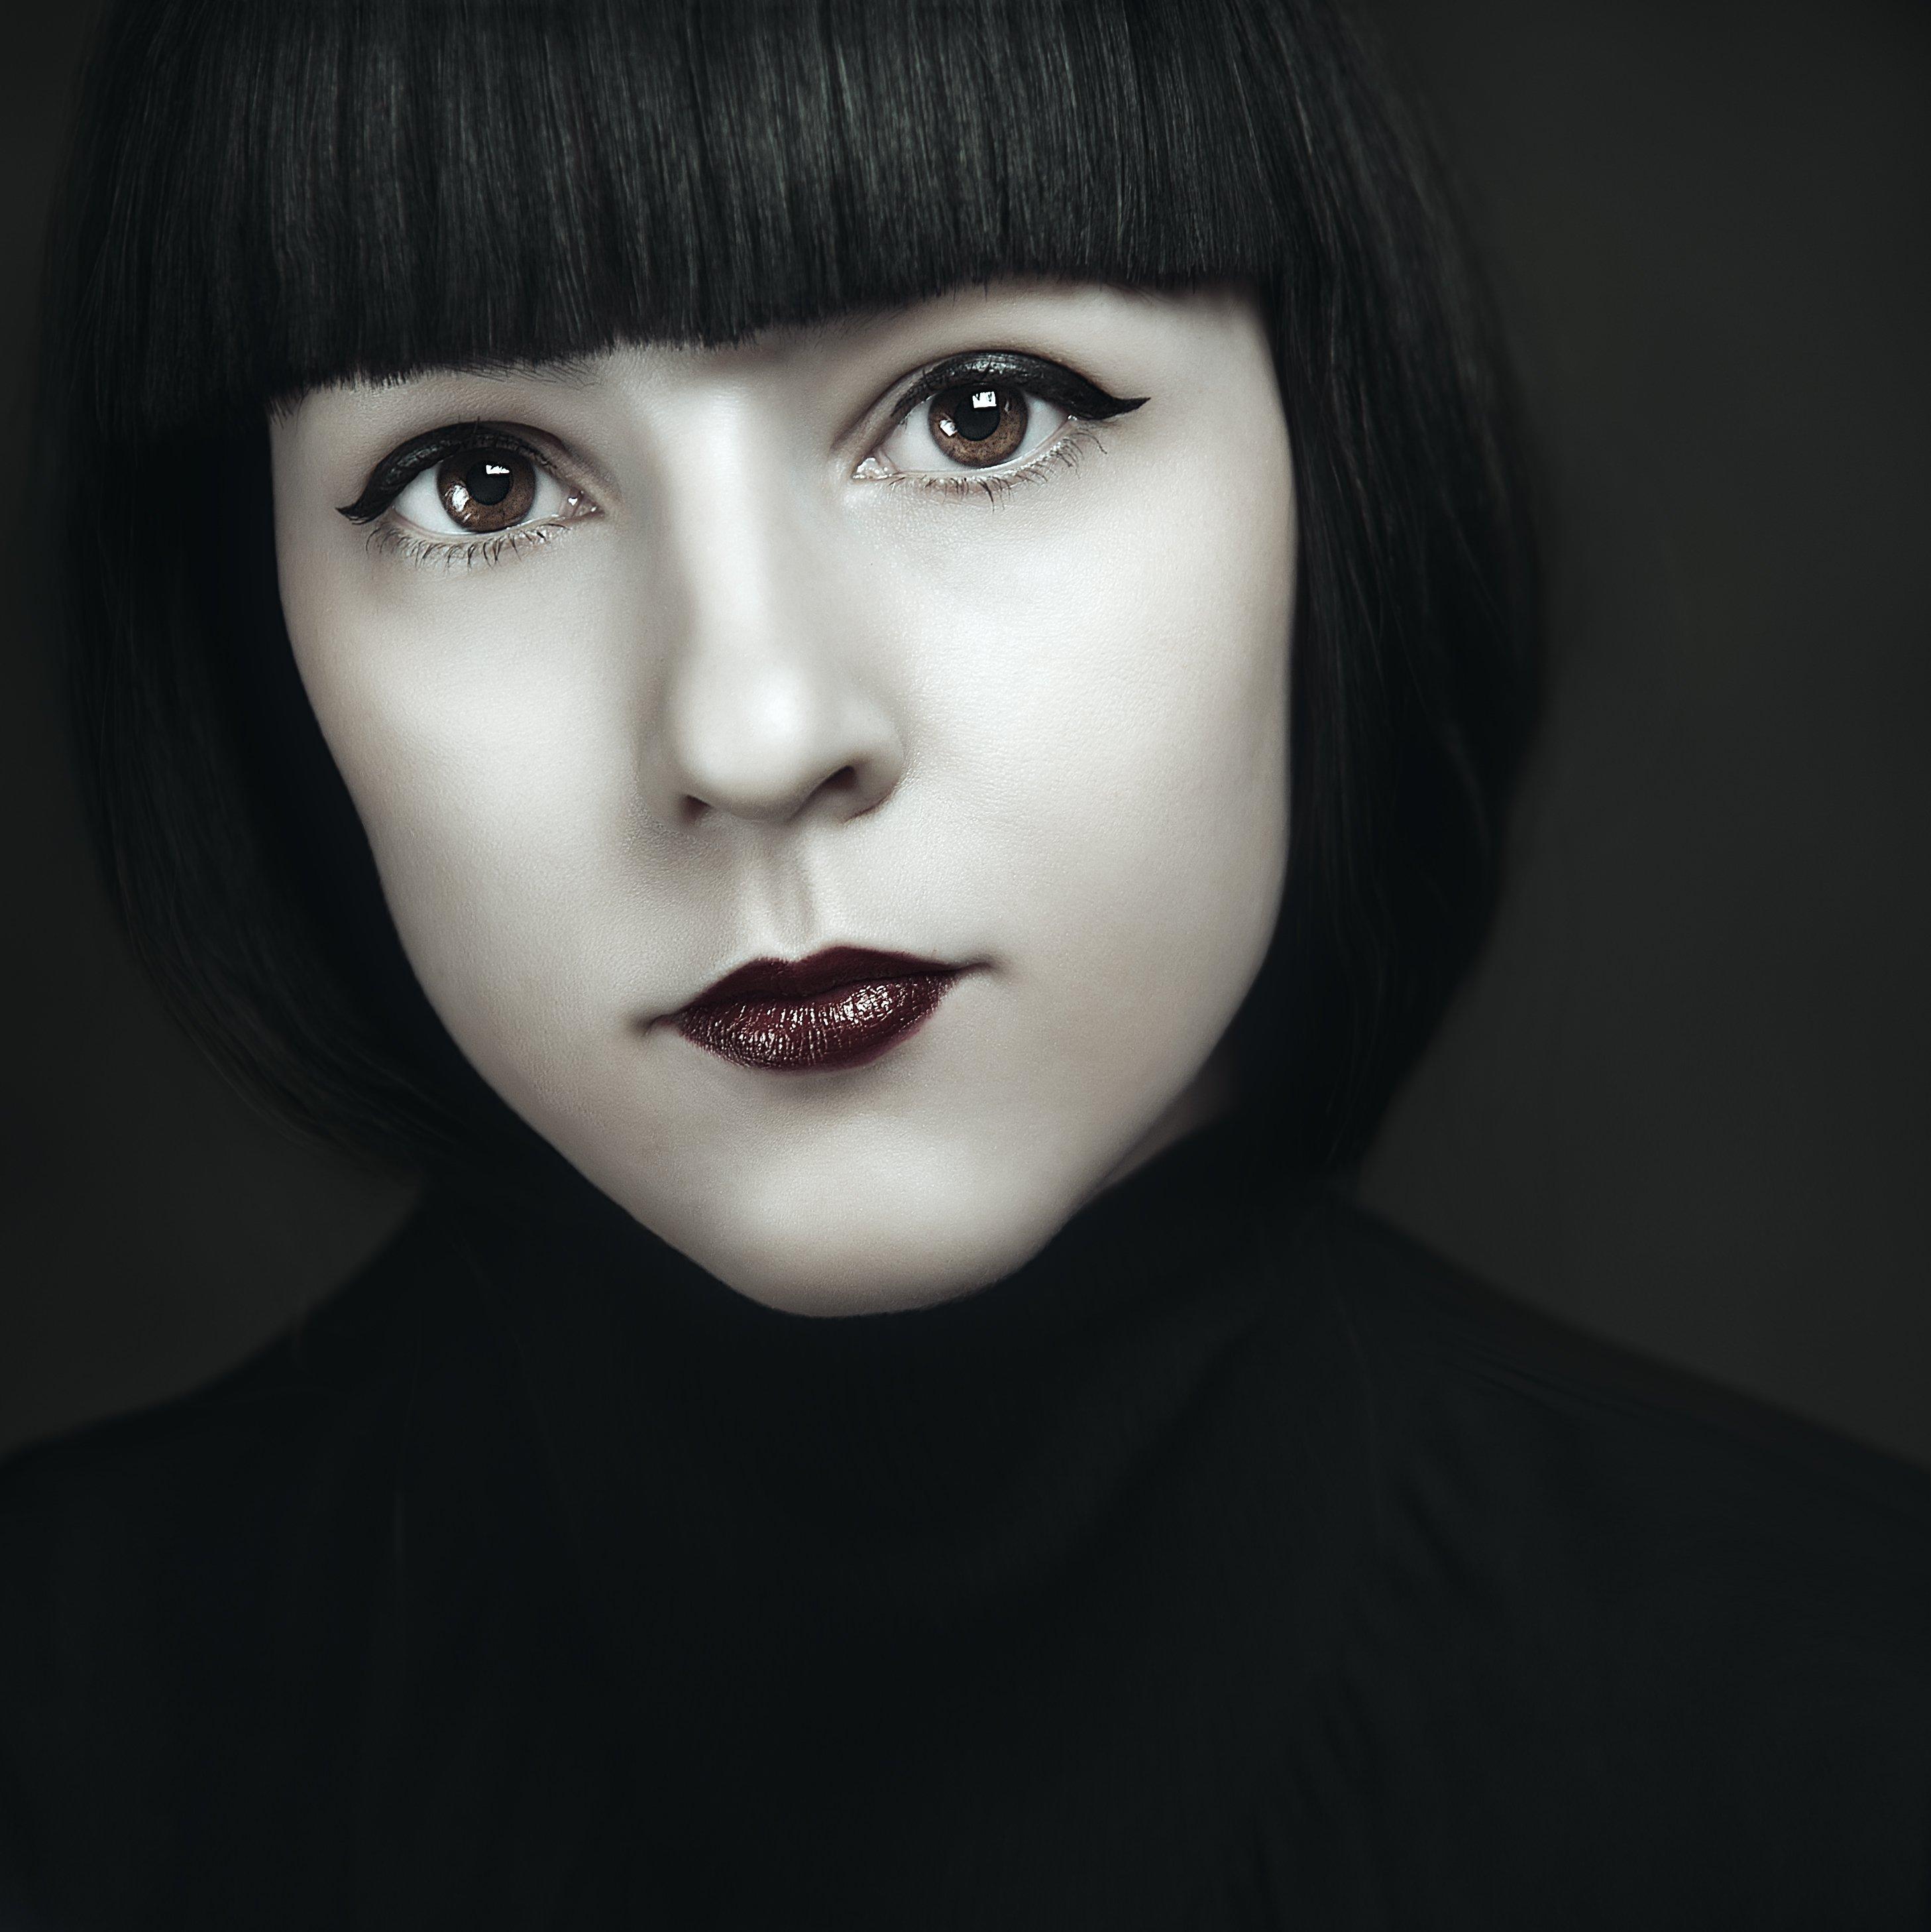 крупный портрет, лицо, портрет, фешн, студия фото, Маховицкая Кристина